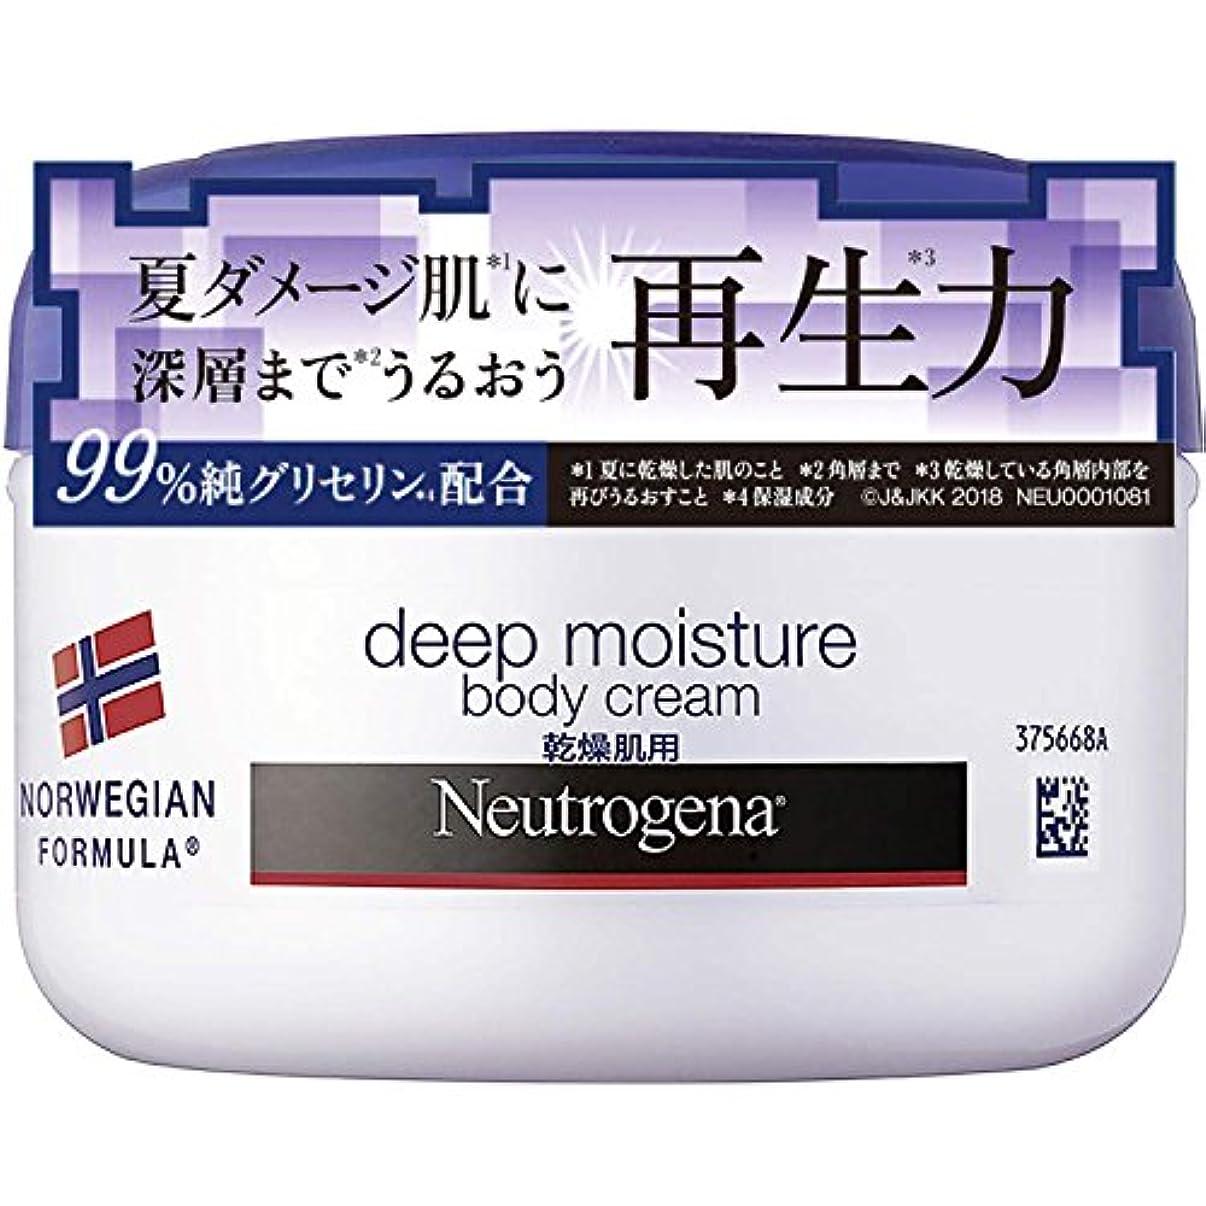 申し立てられた前奏曲呼び起こすNeutrogena(ニュートロジーナ) ノルウェーフォーミュラ ディープモイスチャー ボディクリーム 乾燥肌用 微香性 200ml